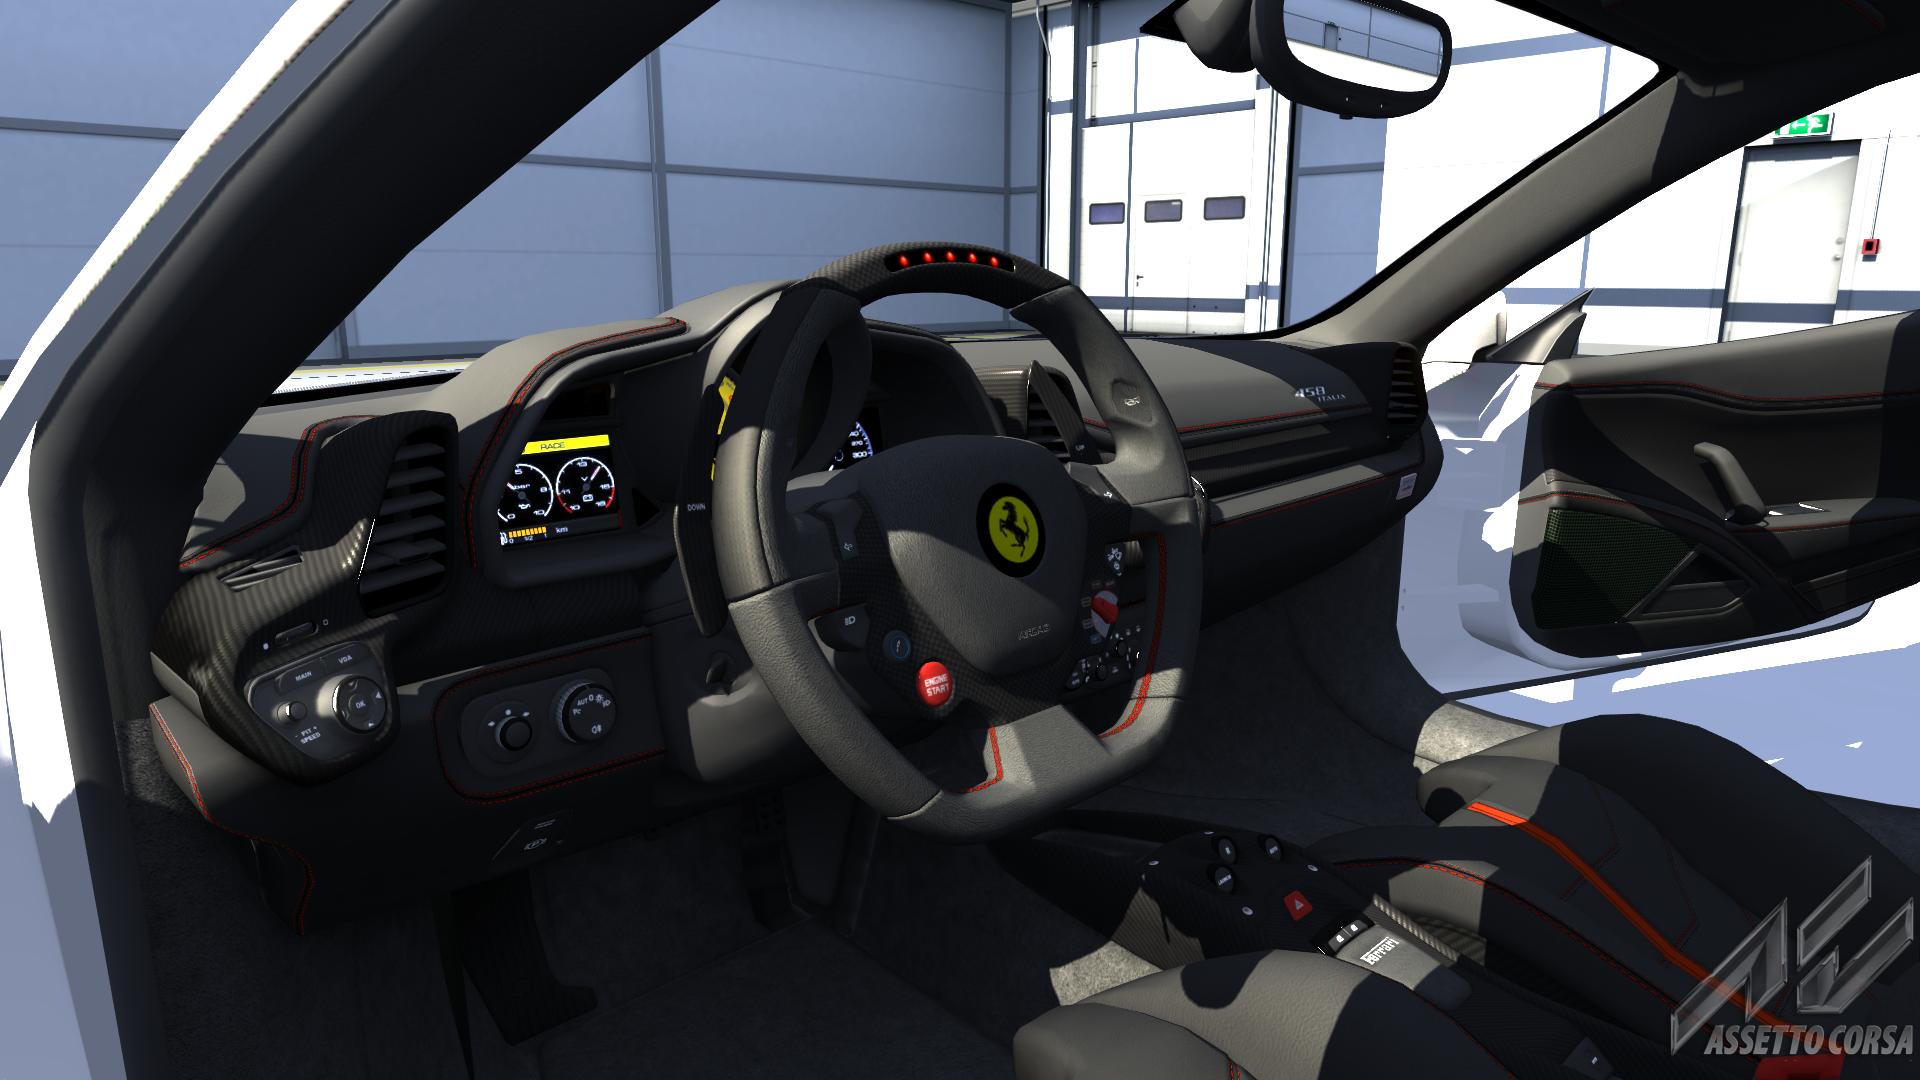 [Image: Ferrari459Italia2.png]